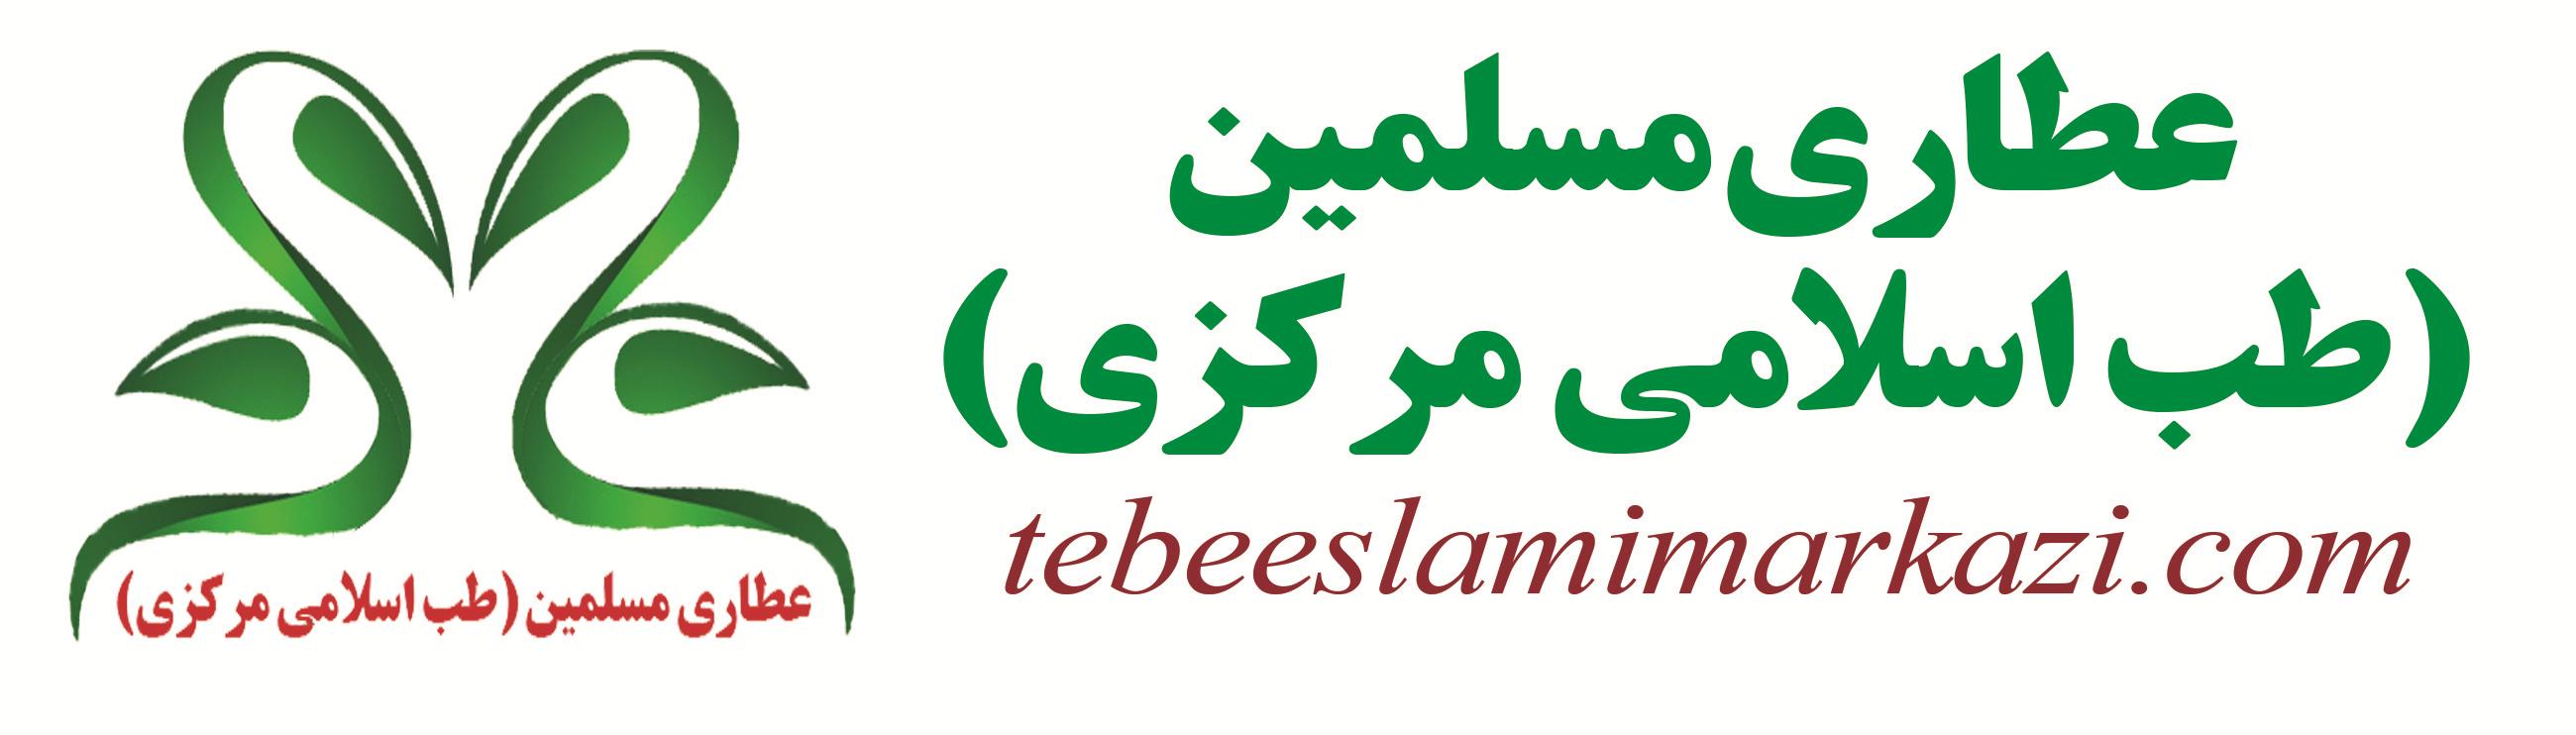 عطاری مسلمین (طب اسلامی مرکزی) - فروشگاه داروهای آیت الله تبریزیان